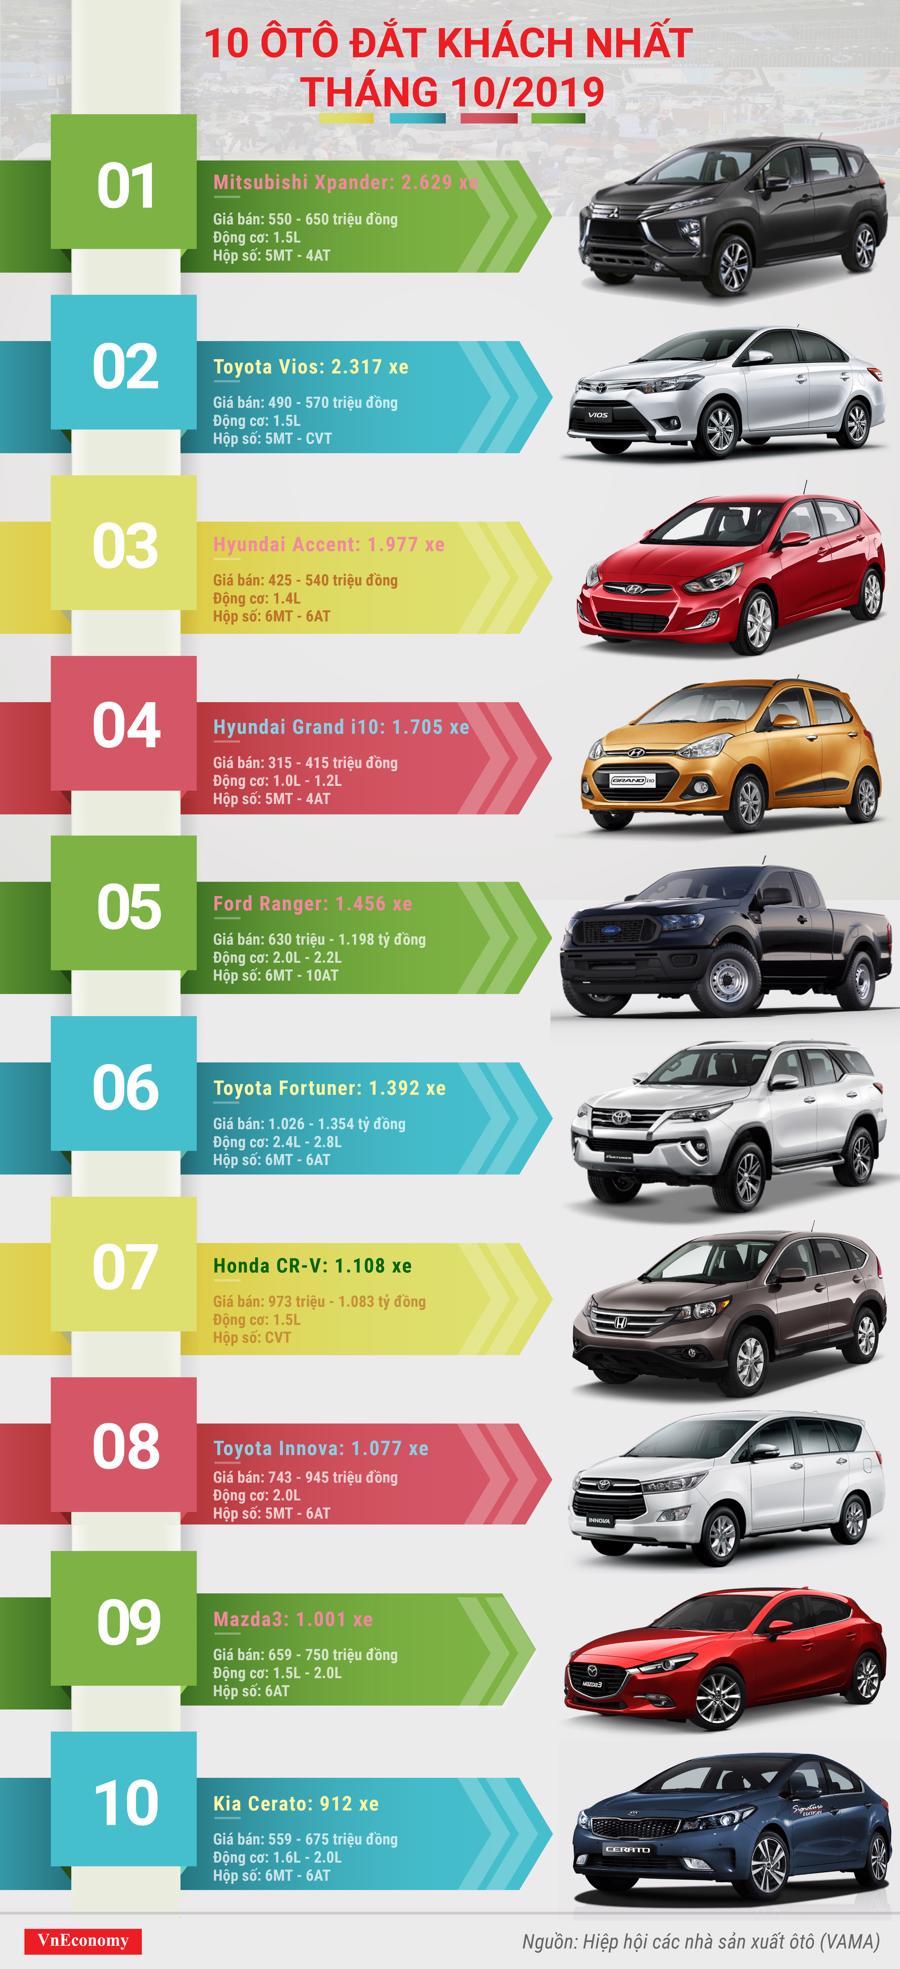 top 10 ô tô đắt khách tháng 10 năm 2019